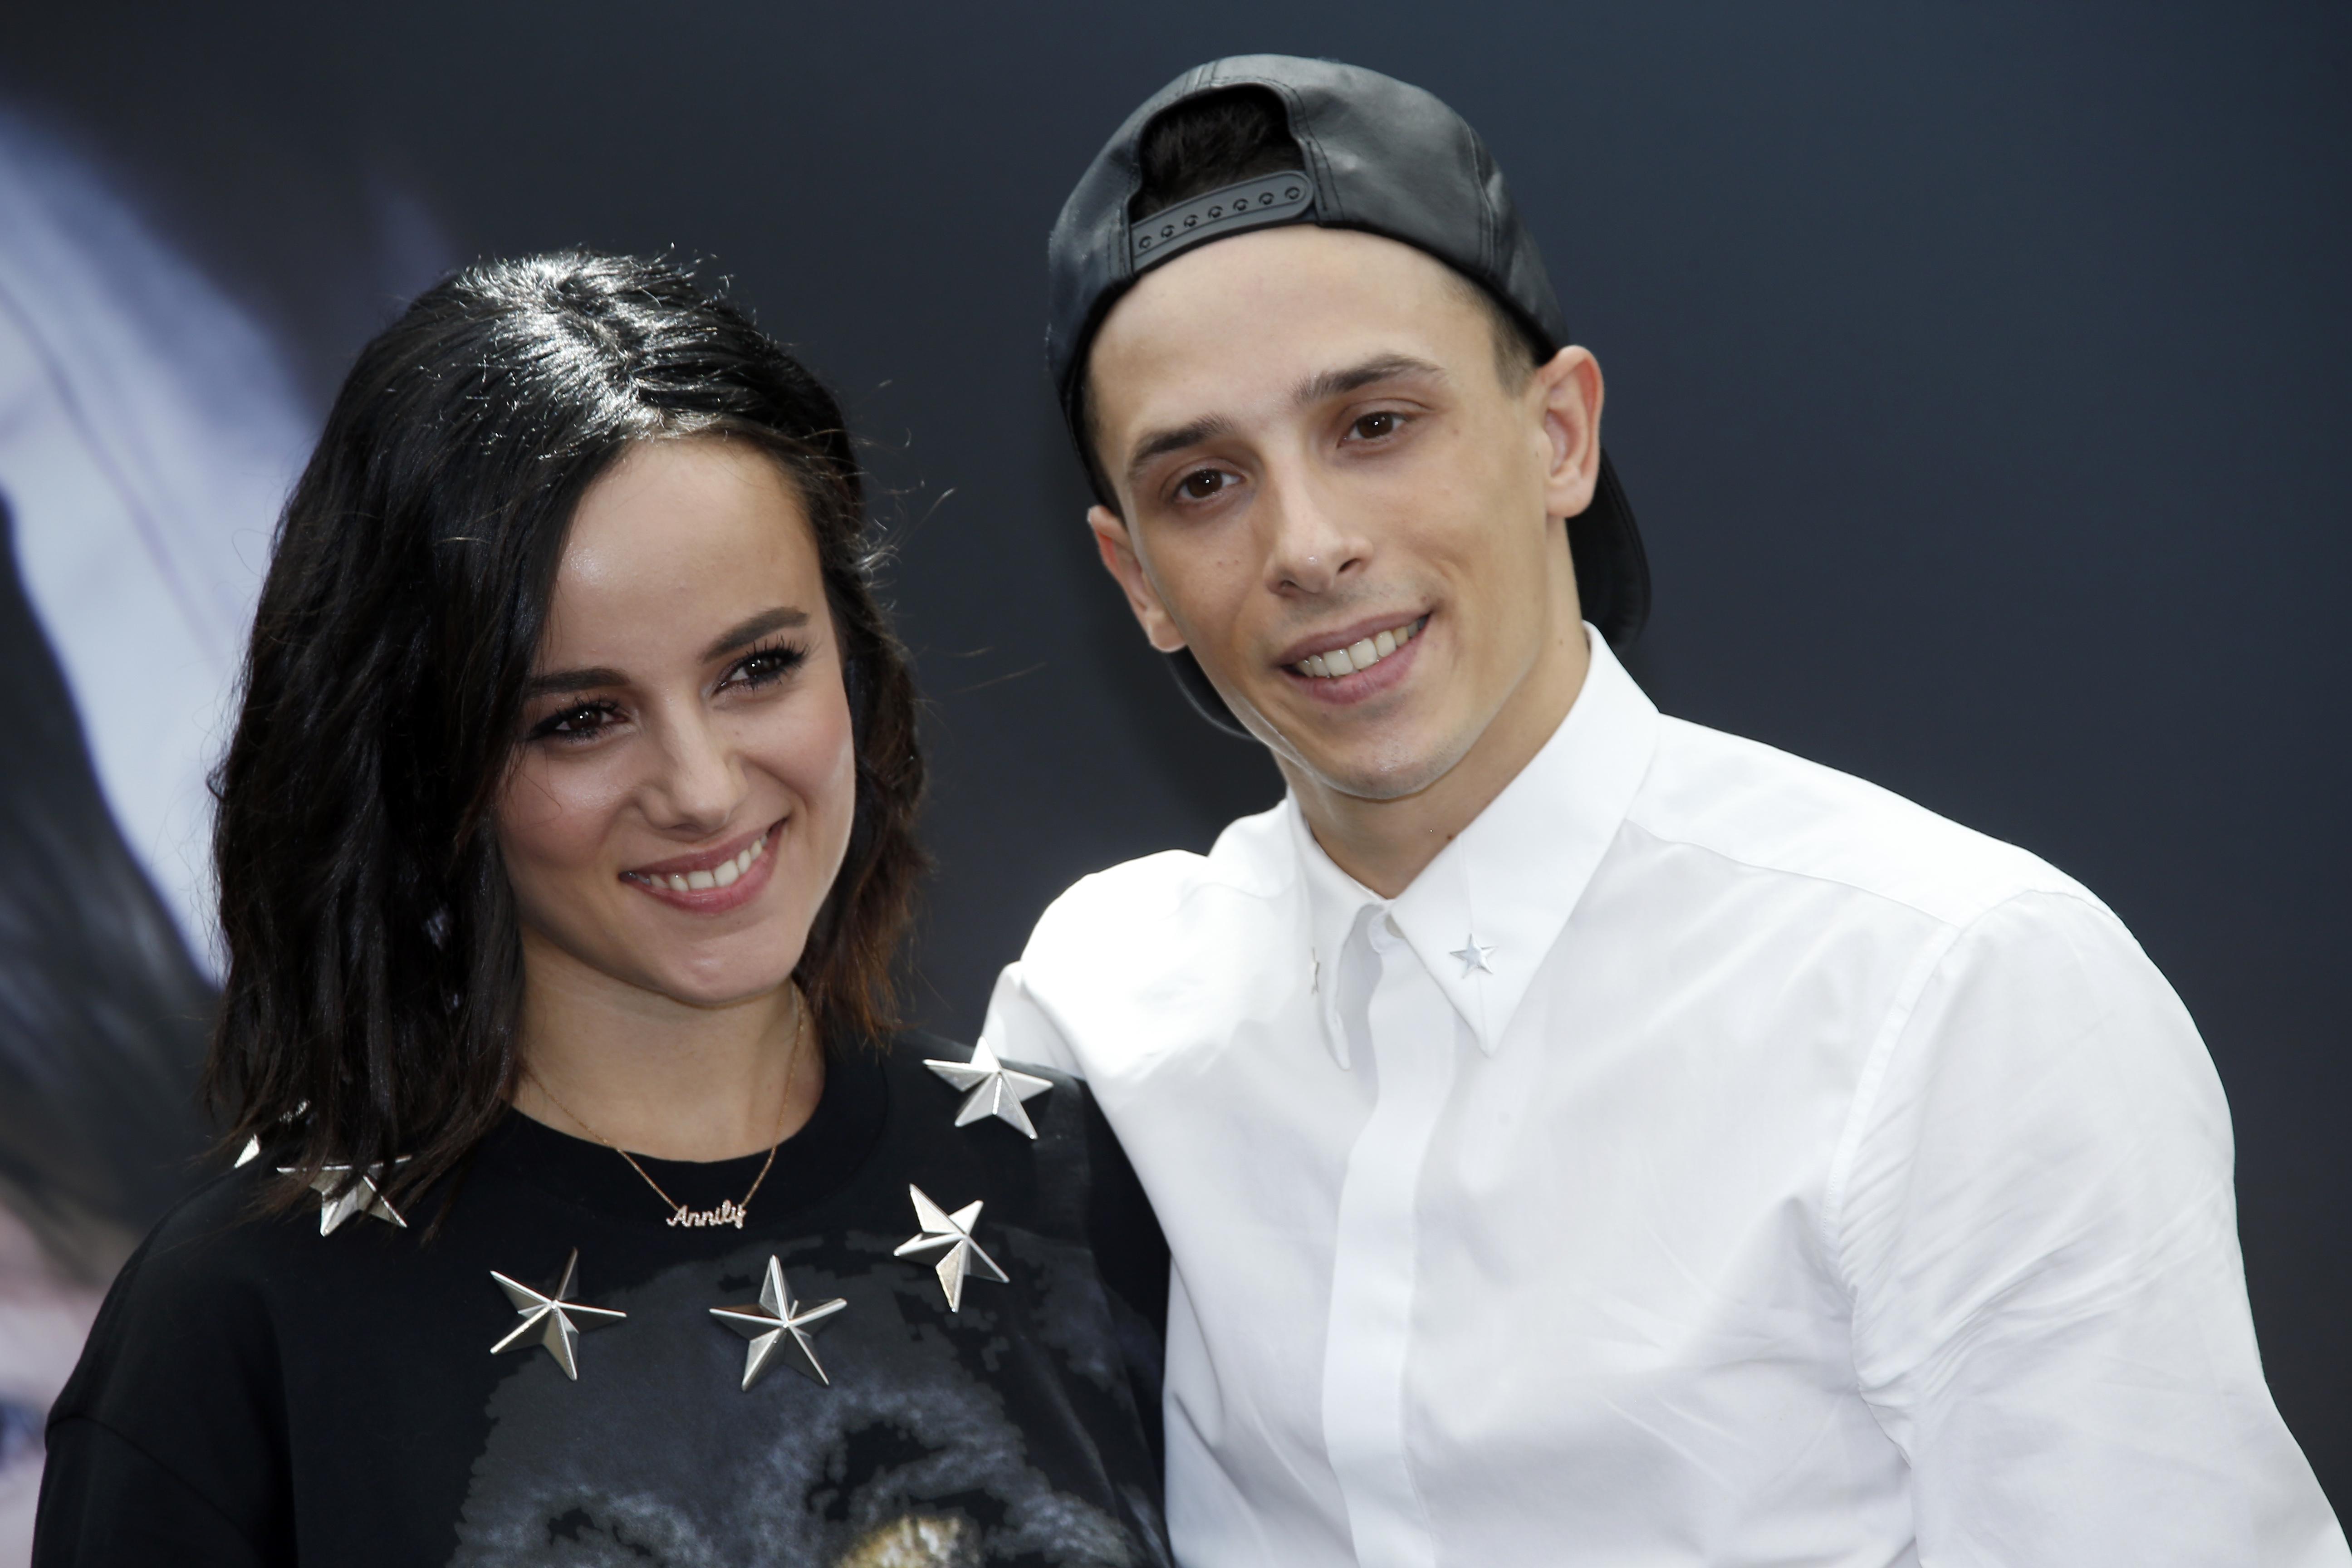 C'est officiel ! Alizée est enceinte de son premier enfant avec Grégoire Lyonnet